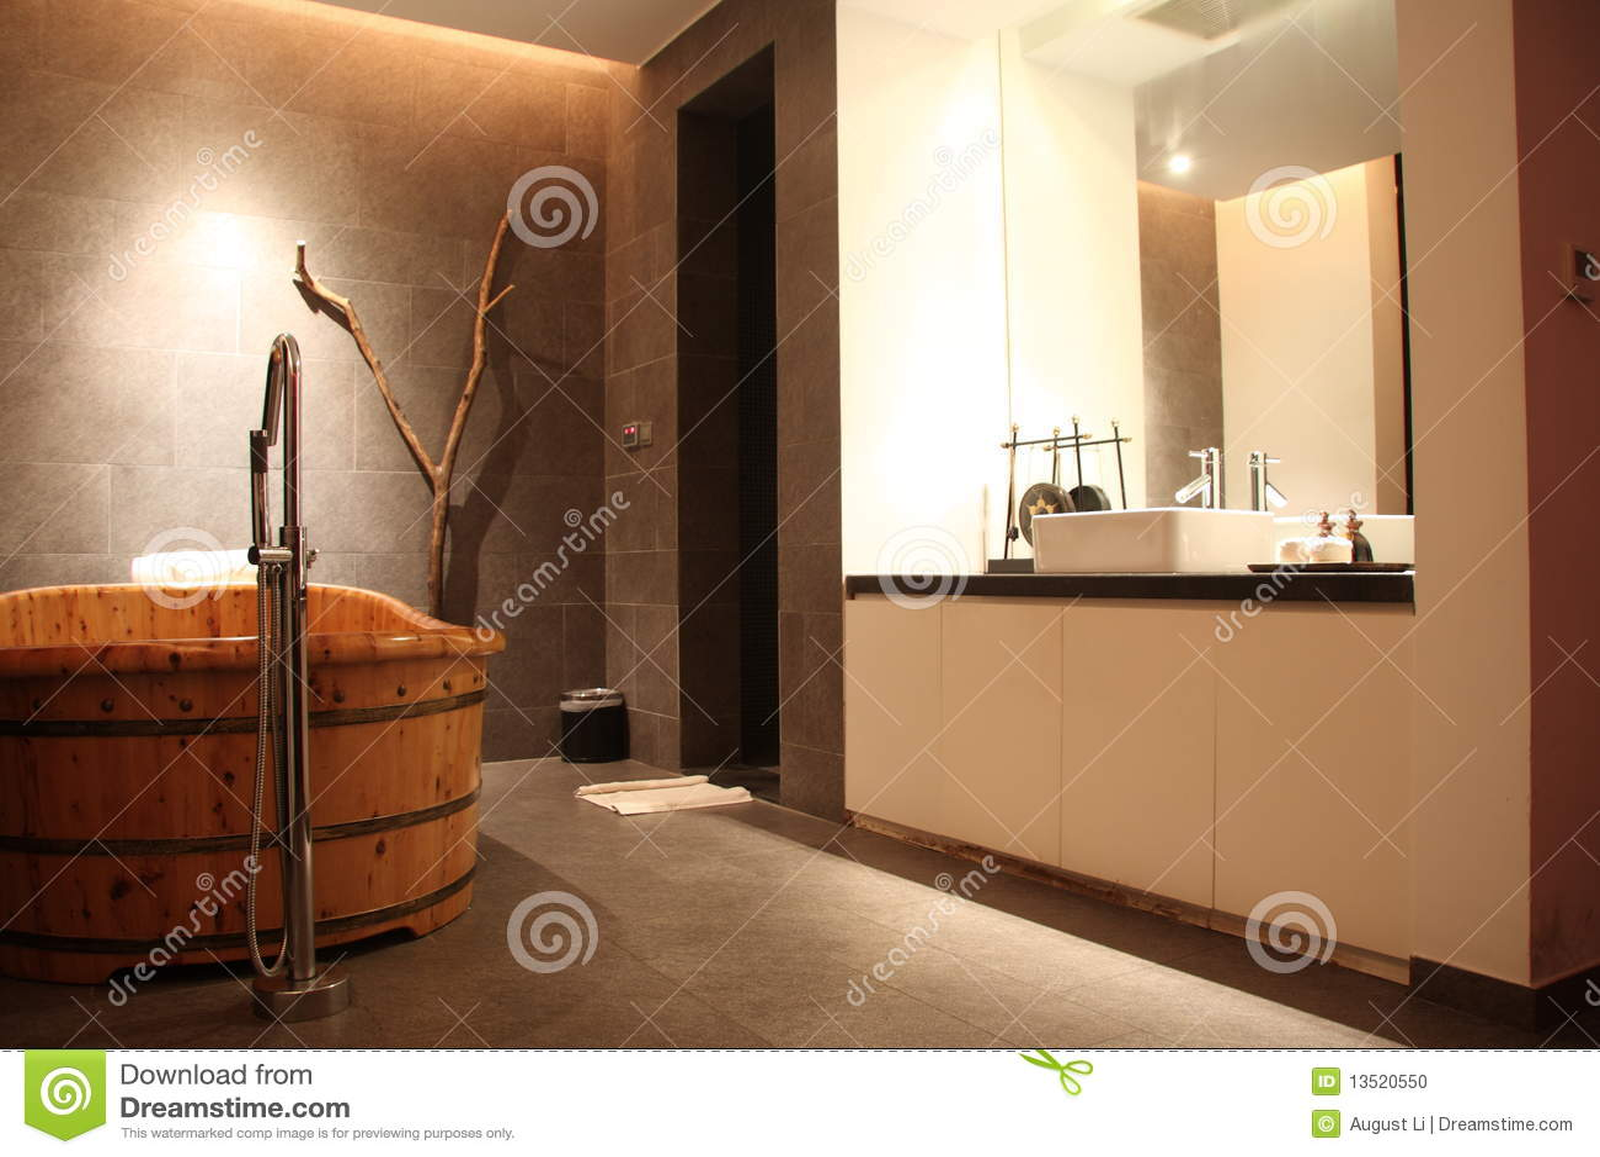 Vasca Da Bagno Legno : Vasca da bagno di legno rettangolare solida naturale indipendente